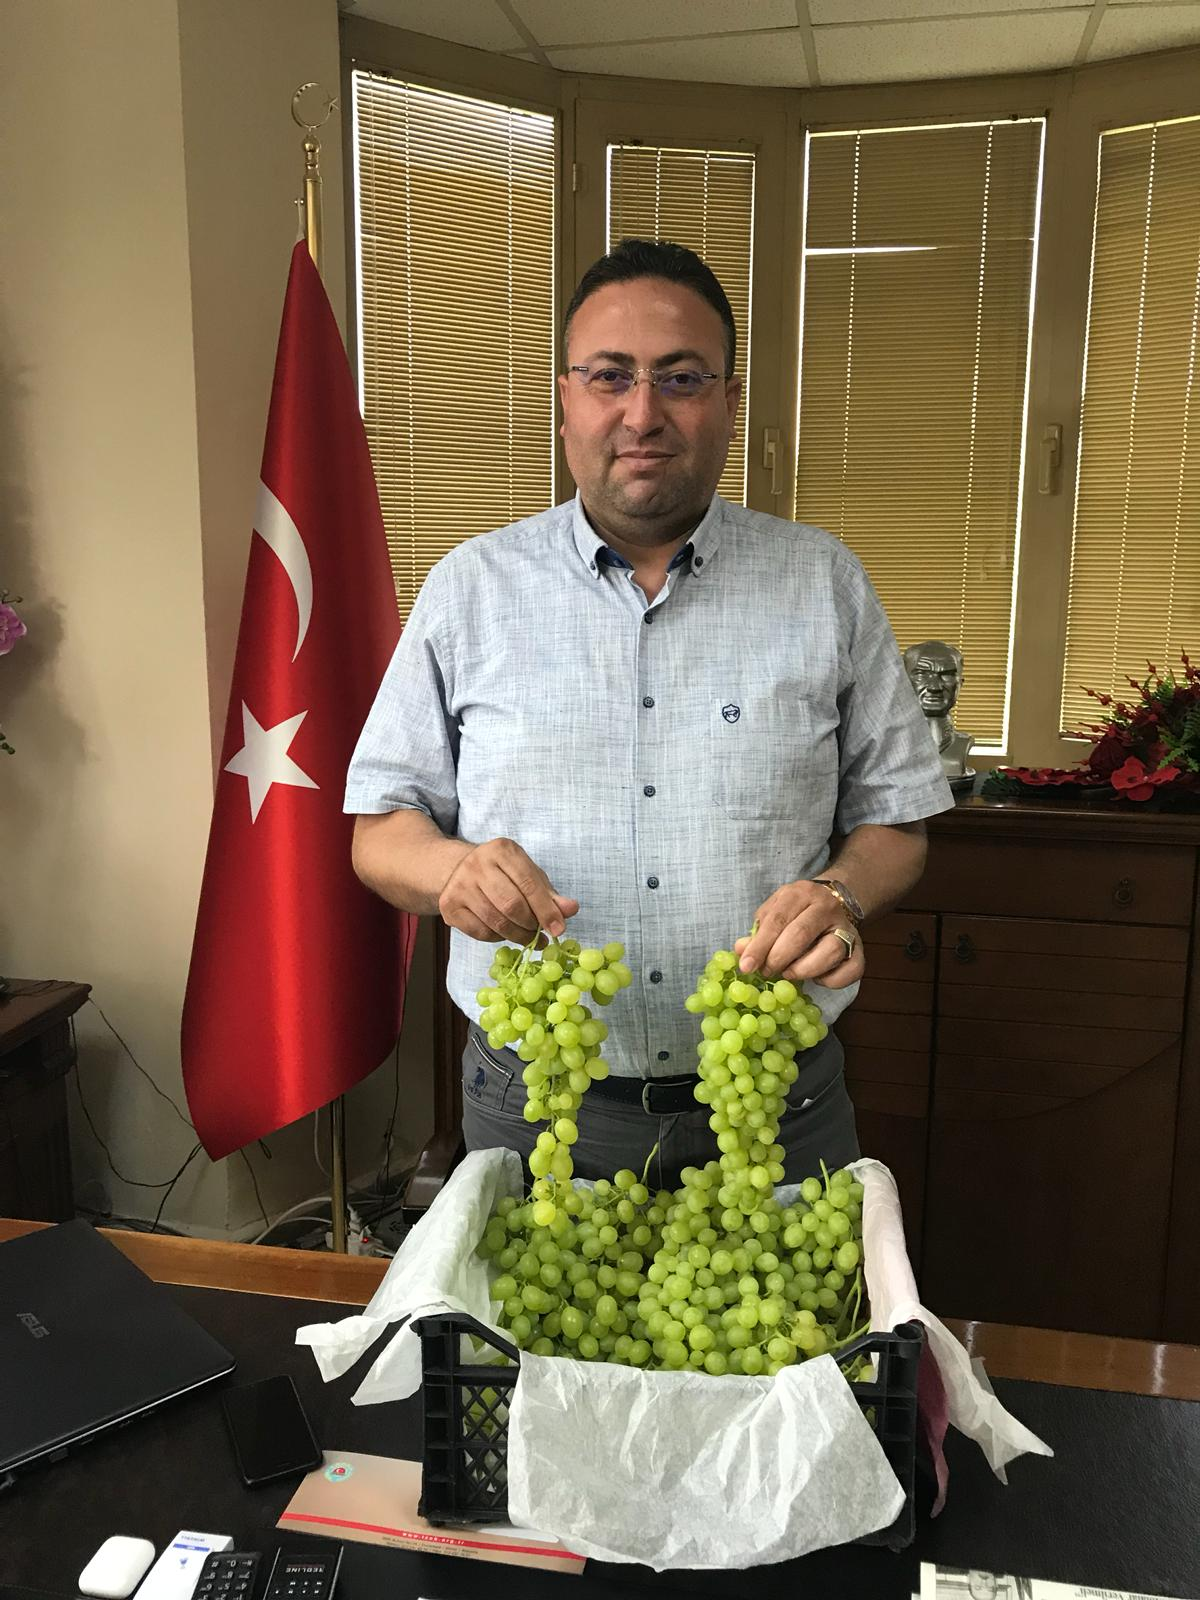 Tarsus Ziraat Odası Başkanı Veyis Avcı Üzümlerin Erken Hasat Edilmemesi İçin Uyarı da Bulundu, ''Olgunlaşmadan Hasat Yapmayın''